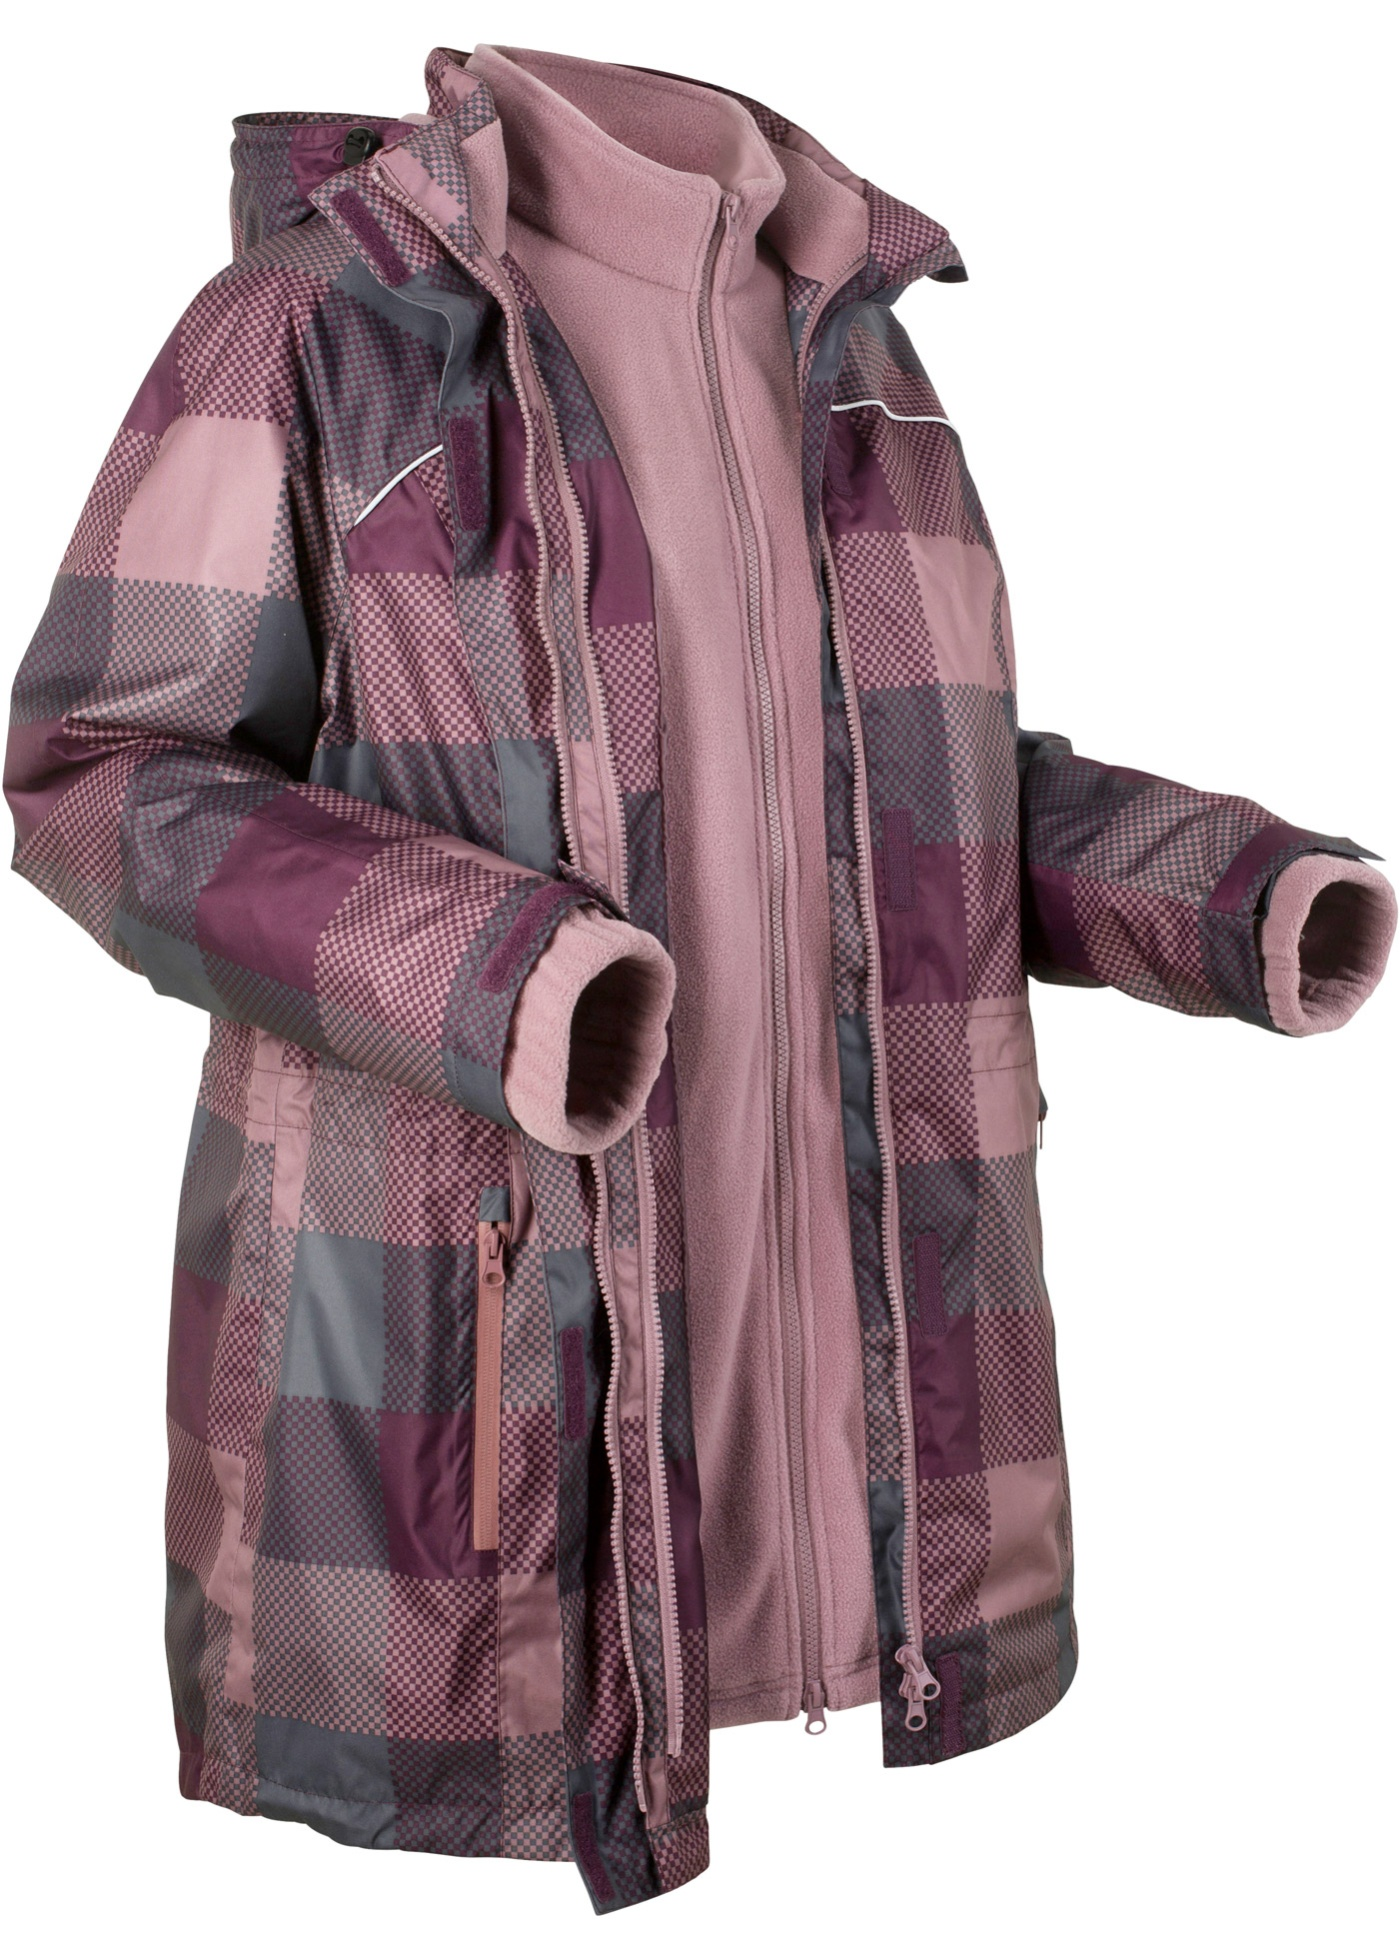 Bonprix Bpc Violet Pour CollectionVeste Femme Manches Longue Longues Outdoor 3en1 fyb7vY6g